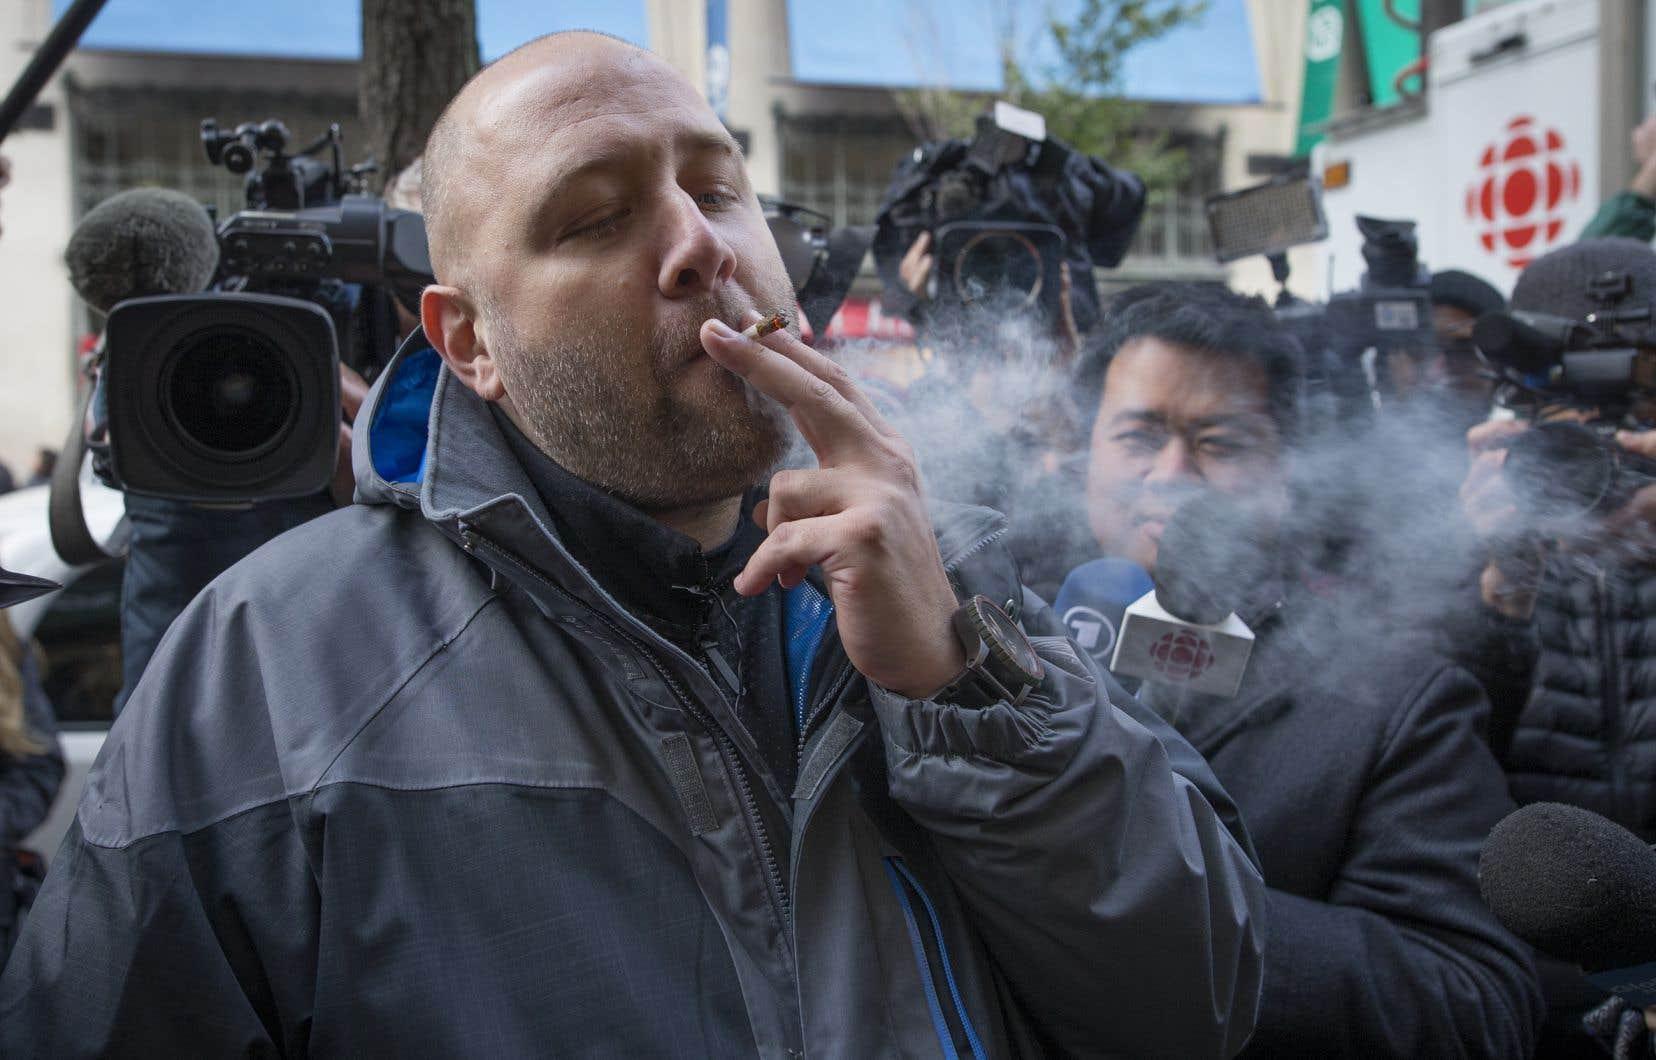 Devant la succursale du centre-ville de Montréal, l'ambiance était festive: les futurs clients se prenaient en photo avant d'entrer, et montraient joyeusement aux journalistes comment rouler un joint.